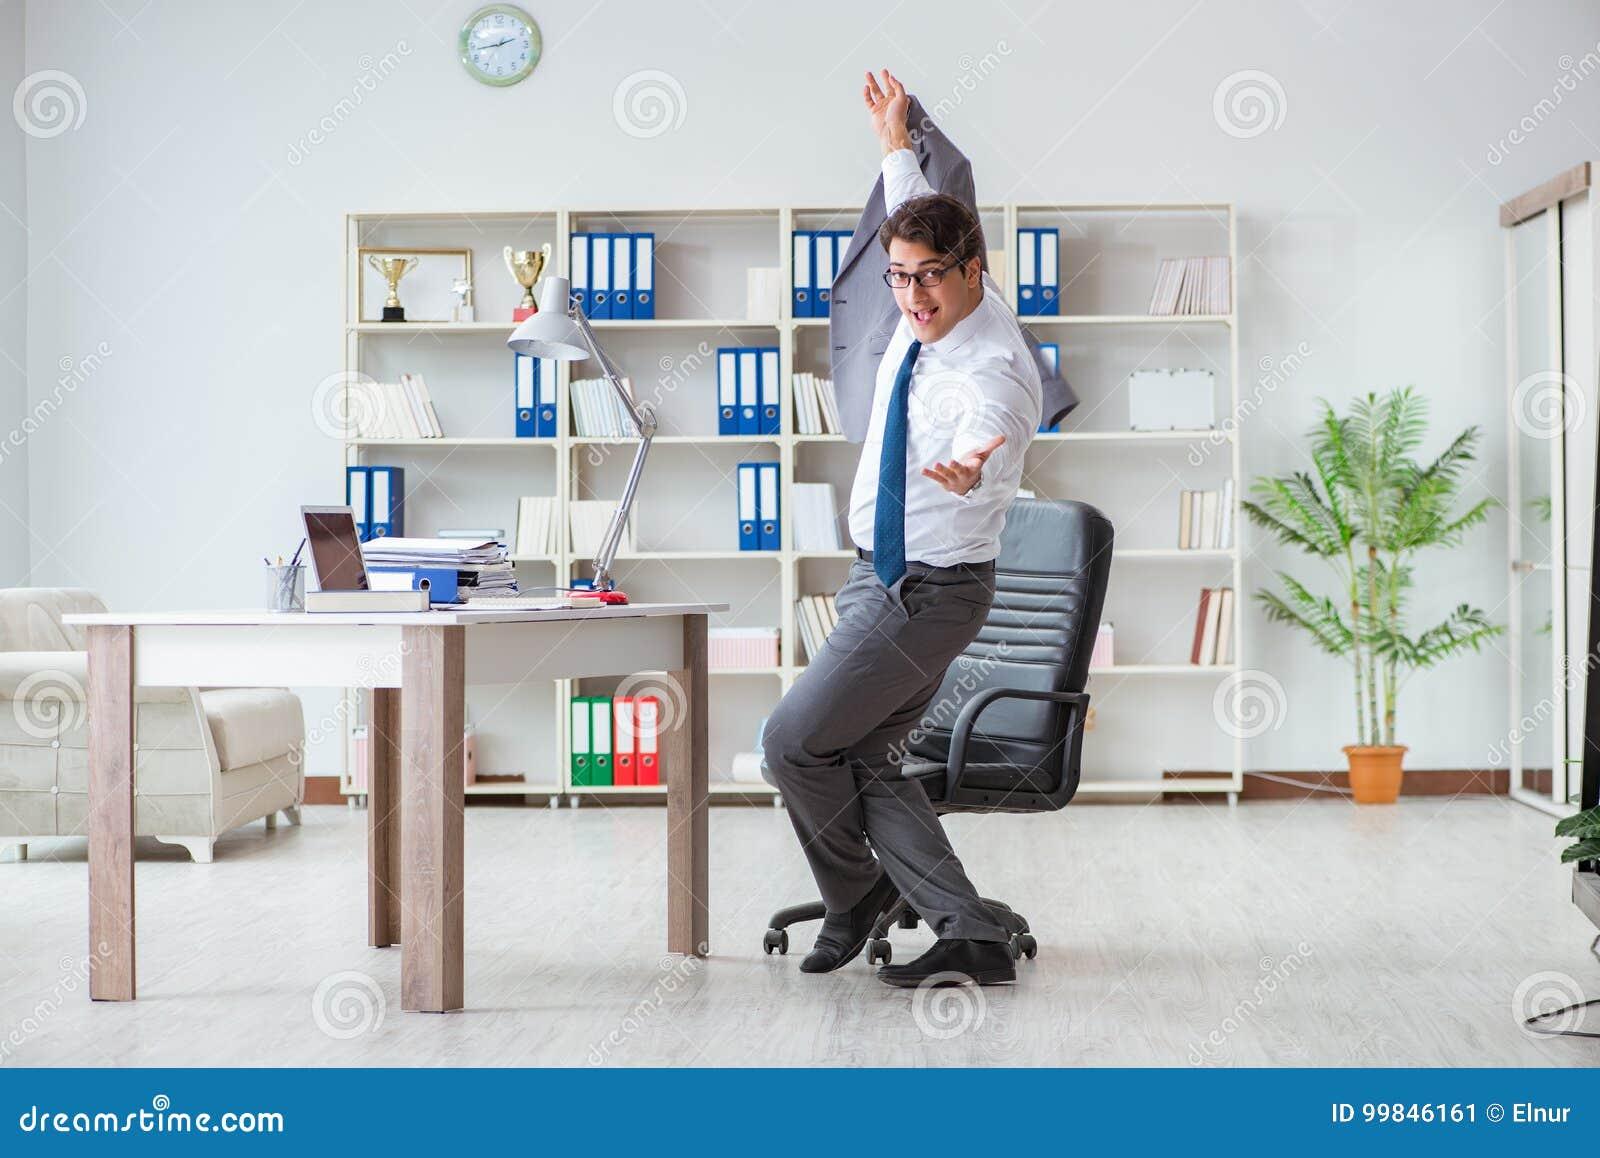 De zakenman die pret hebben die een onderbreking in het bureau nemen op het werk